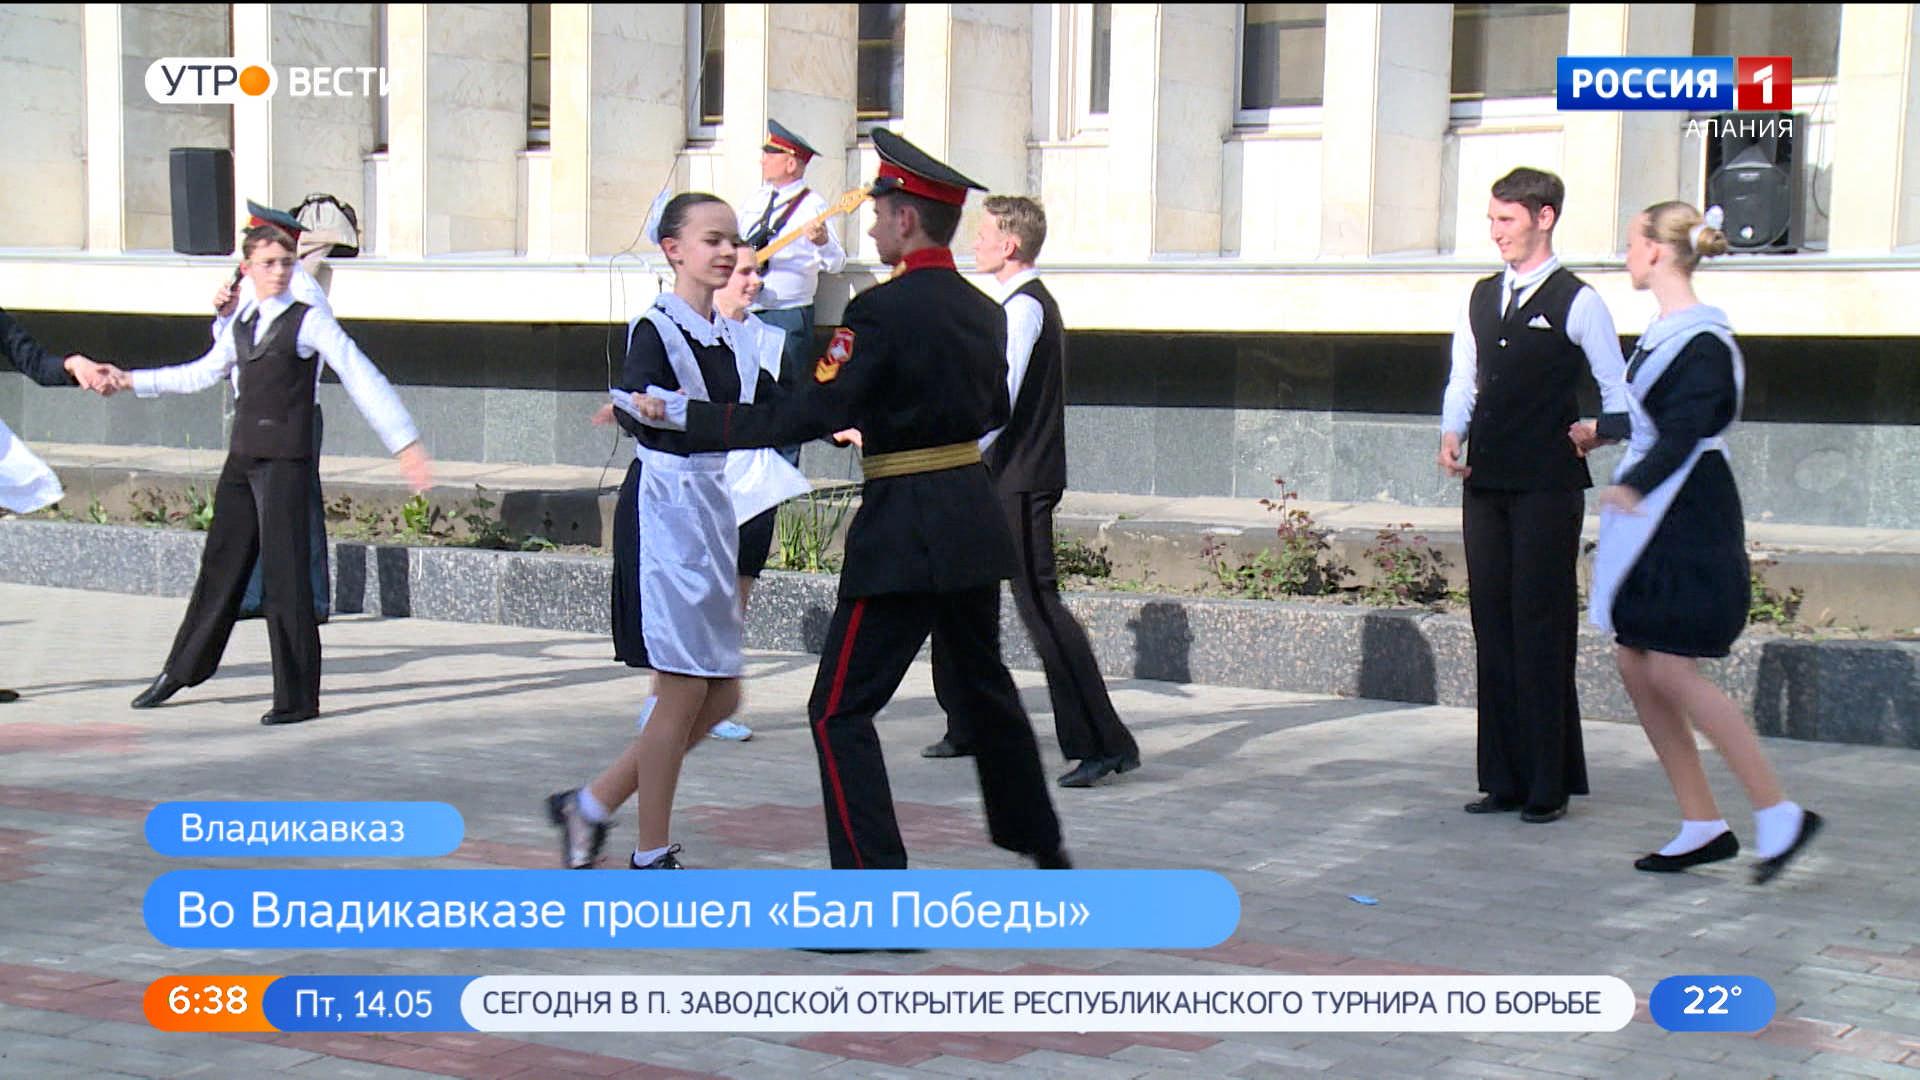 Во Владикавказе прошел «Бал Победы»